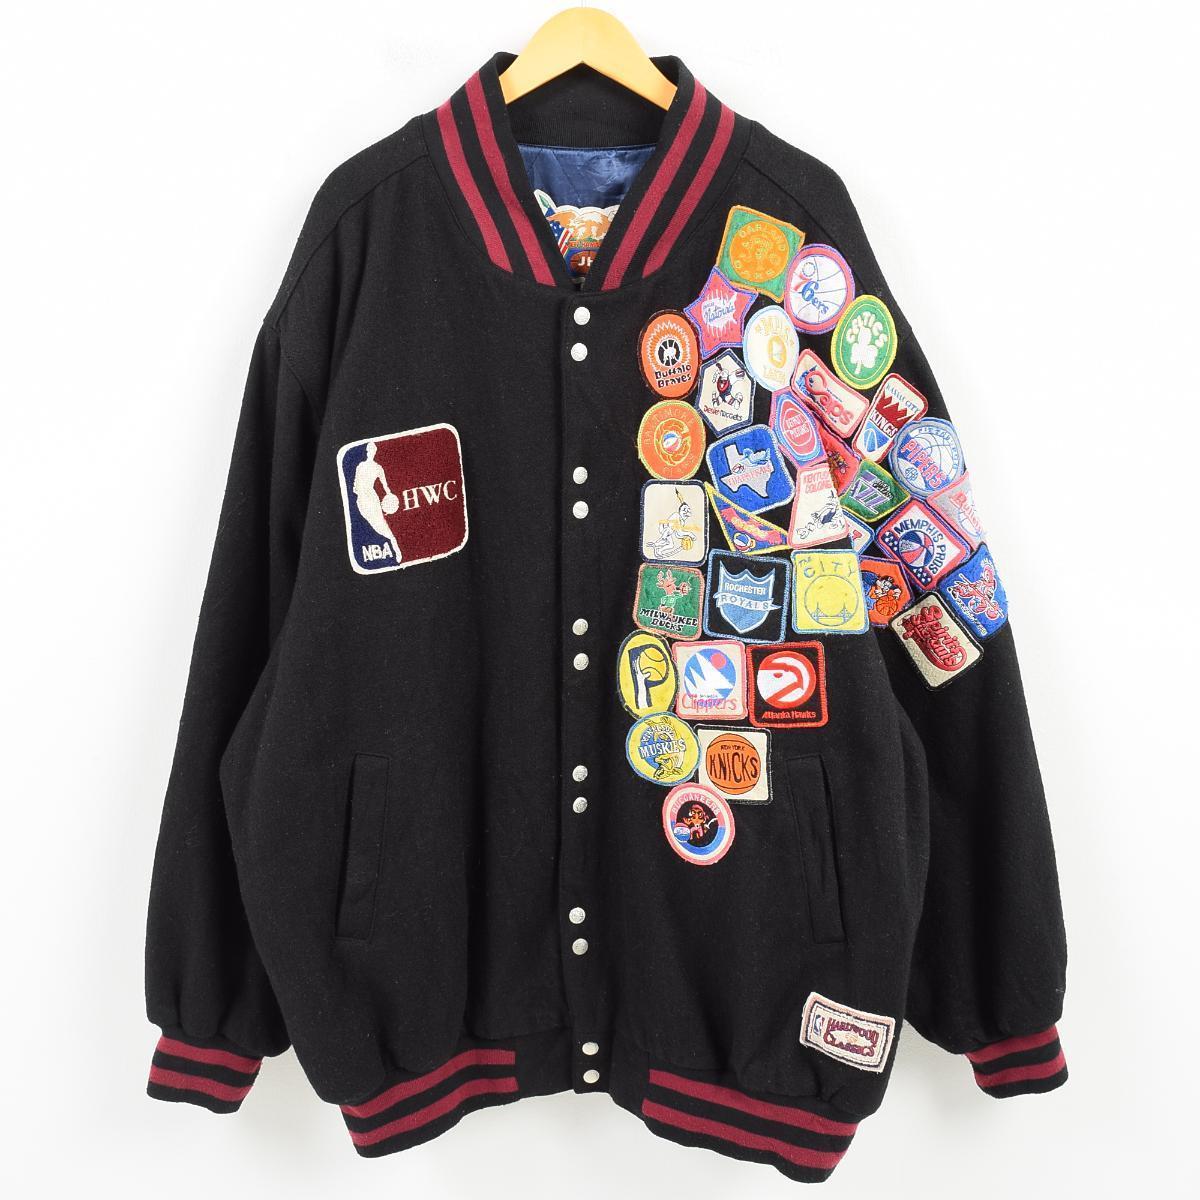 4810c74860 古着という事をご理解の上ご注文よろしくお願いします。 ※古着は洗濯、検品などのケアを行っております。